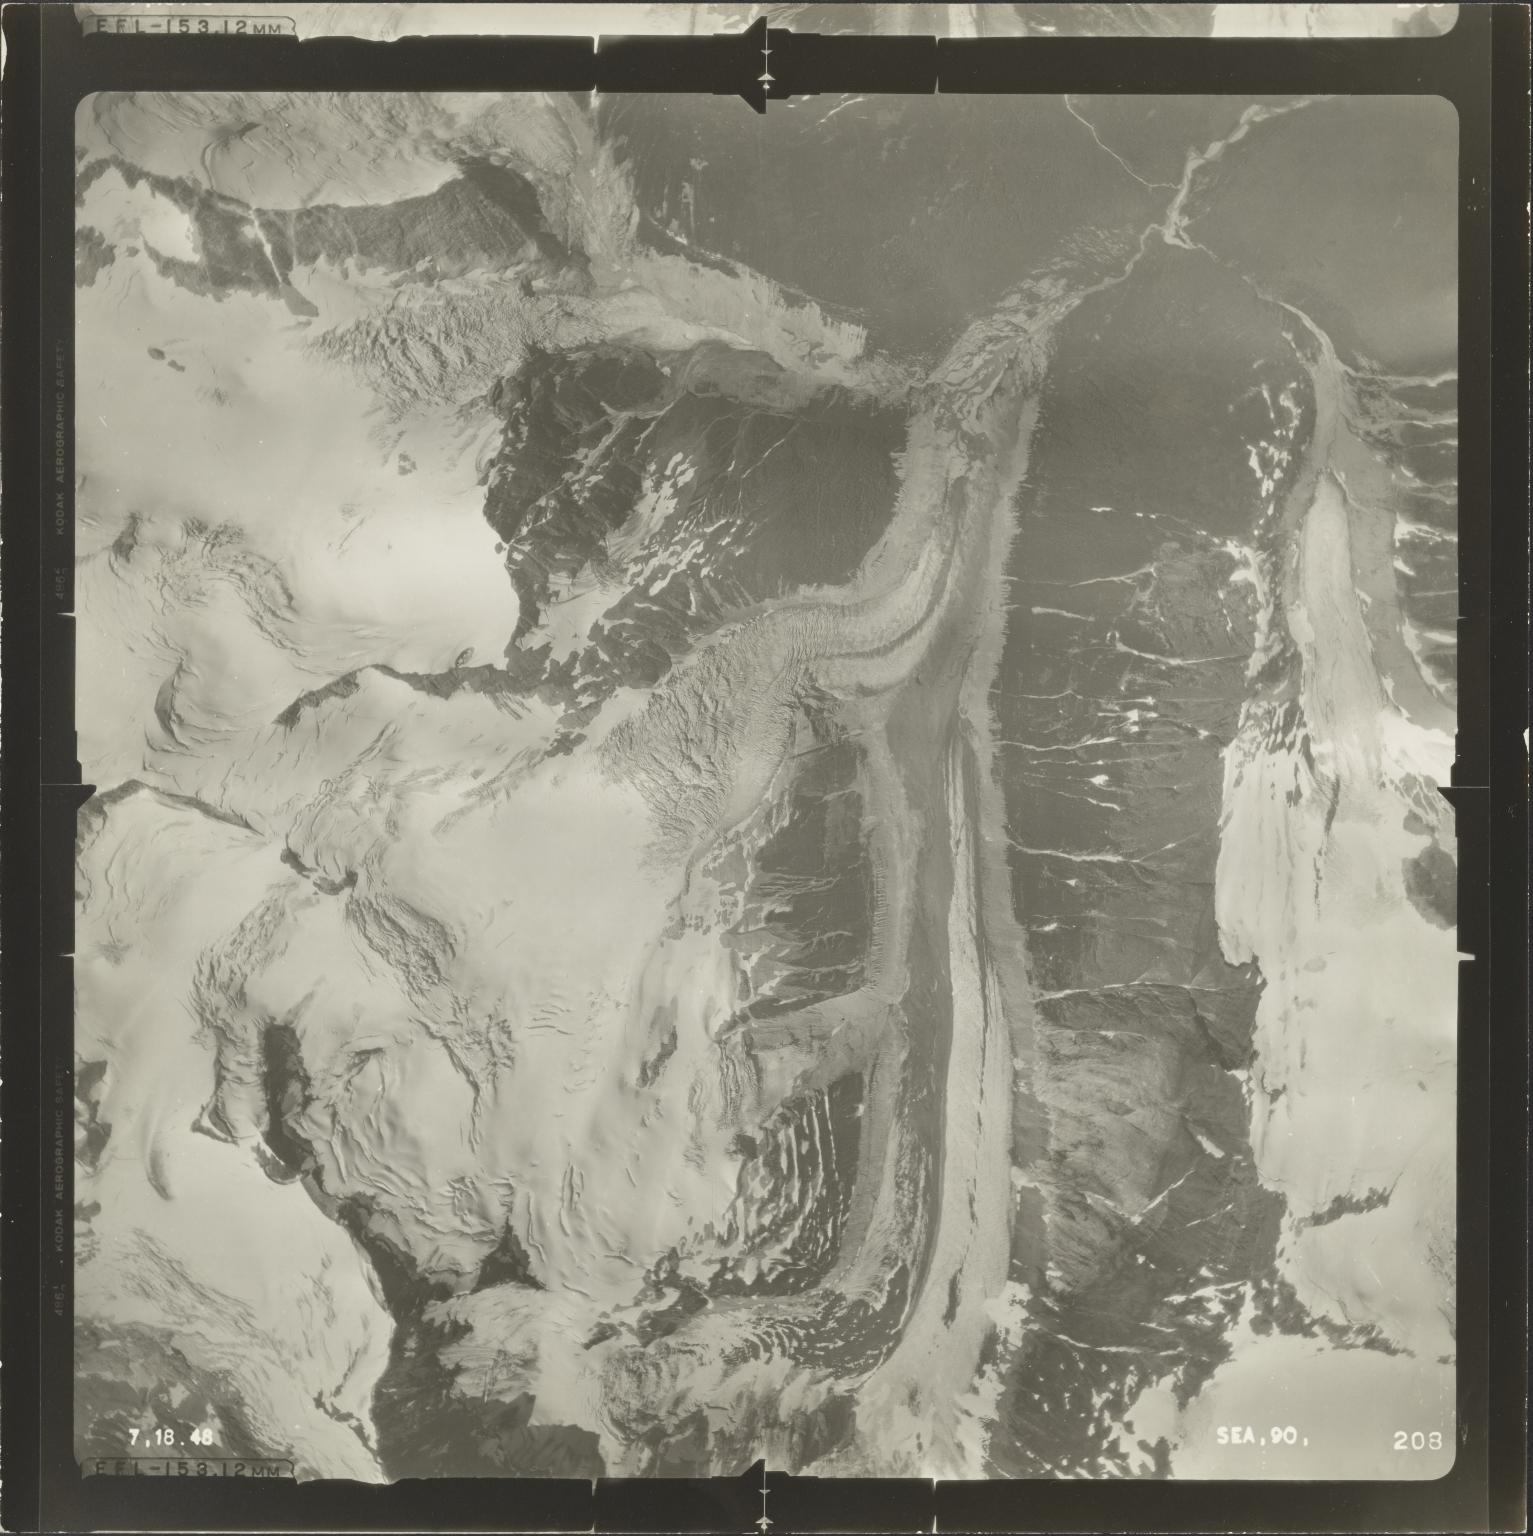 Glacier at head of Jekill River, aerial photograph SEA 90 208, British Columbia